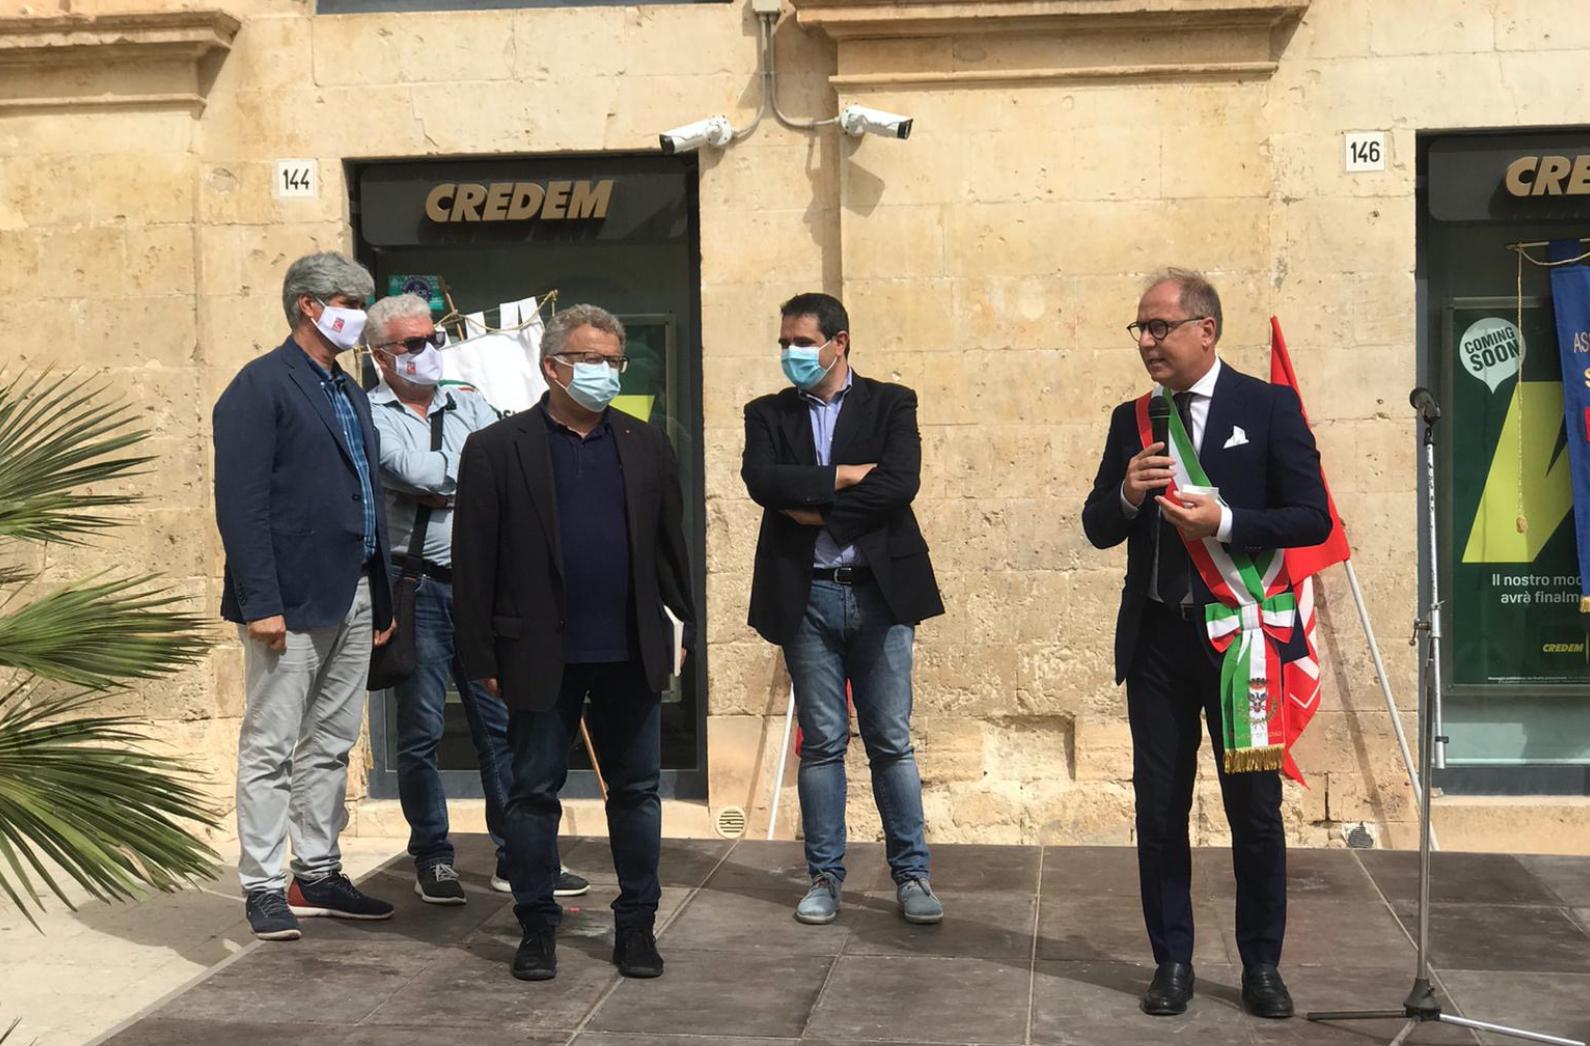 La Cgil ricorda  a Noto Paolo Mirmina: era il paladino dei braccianti e fu ucciso un secolo fa